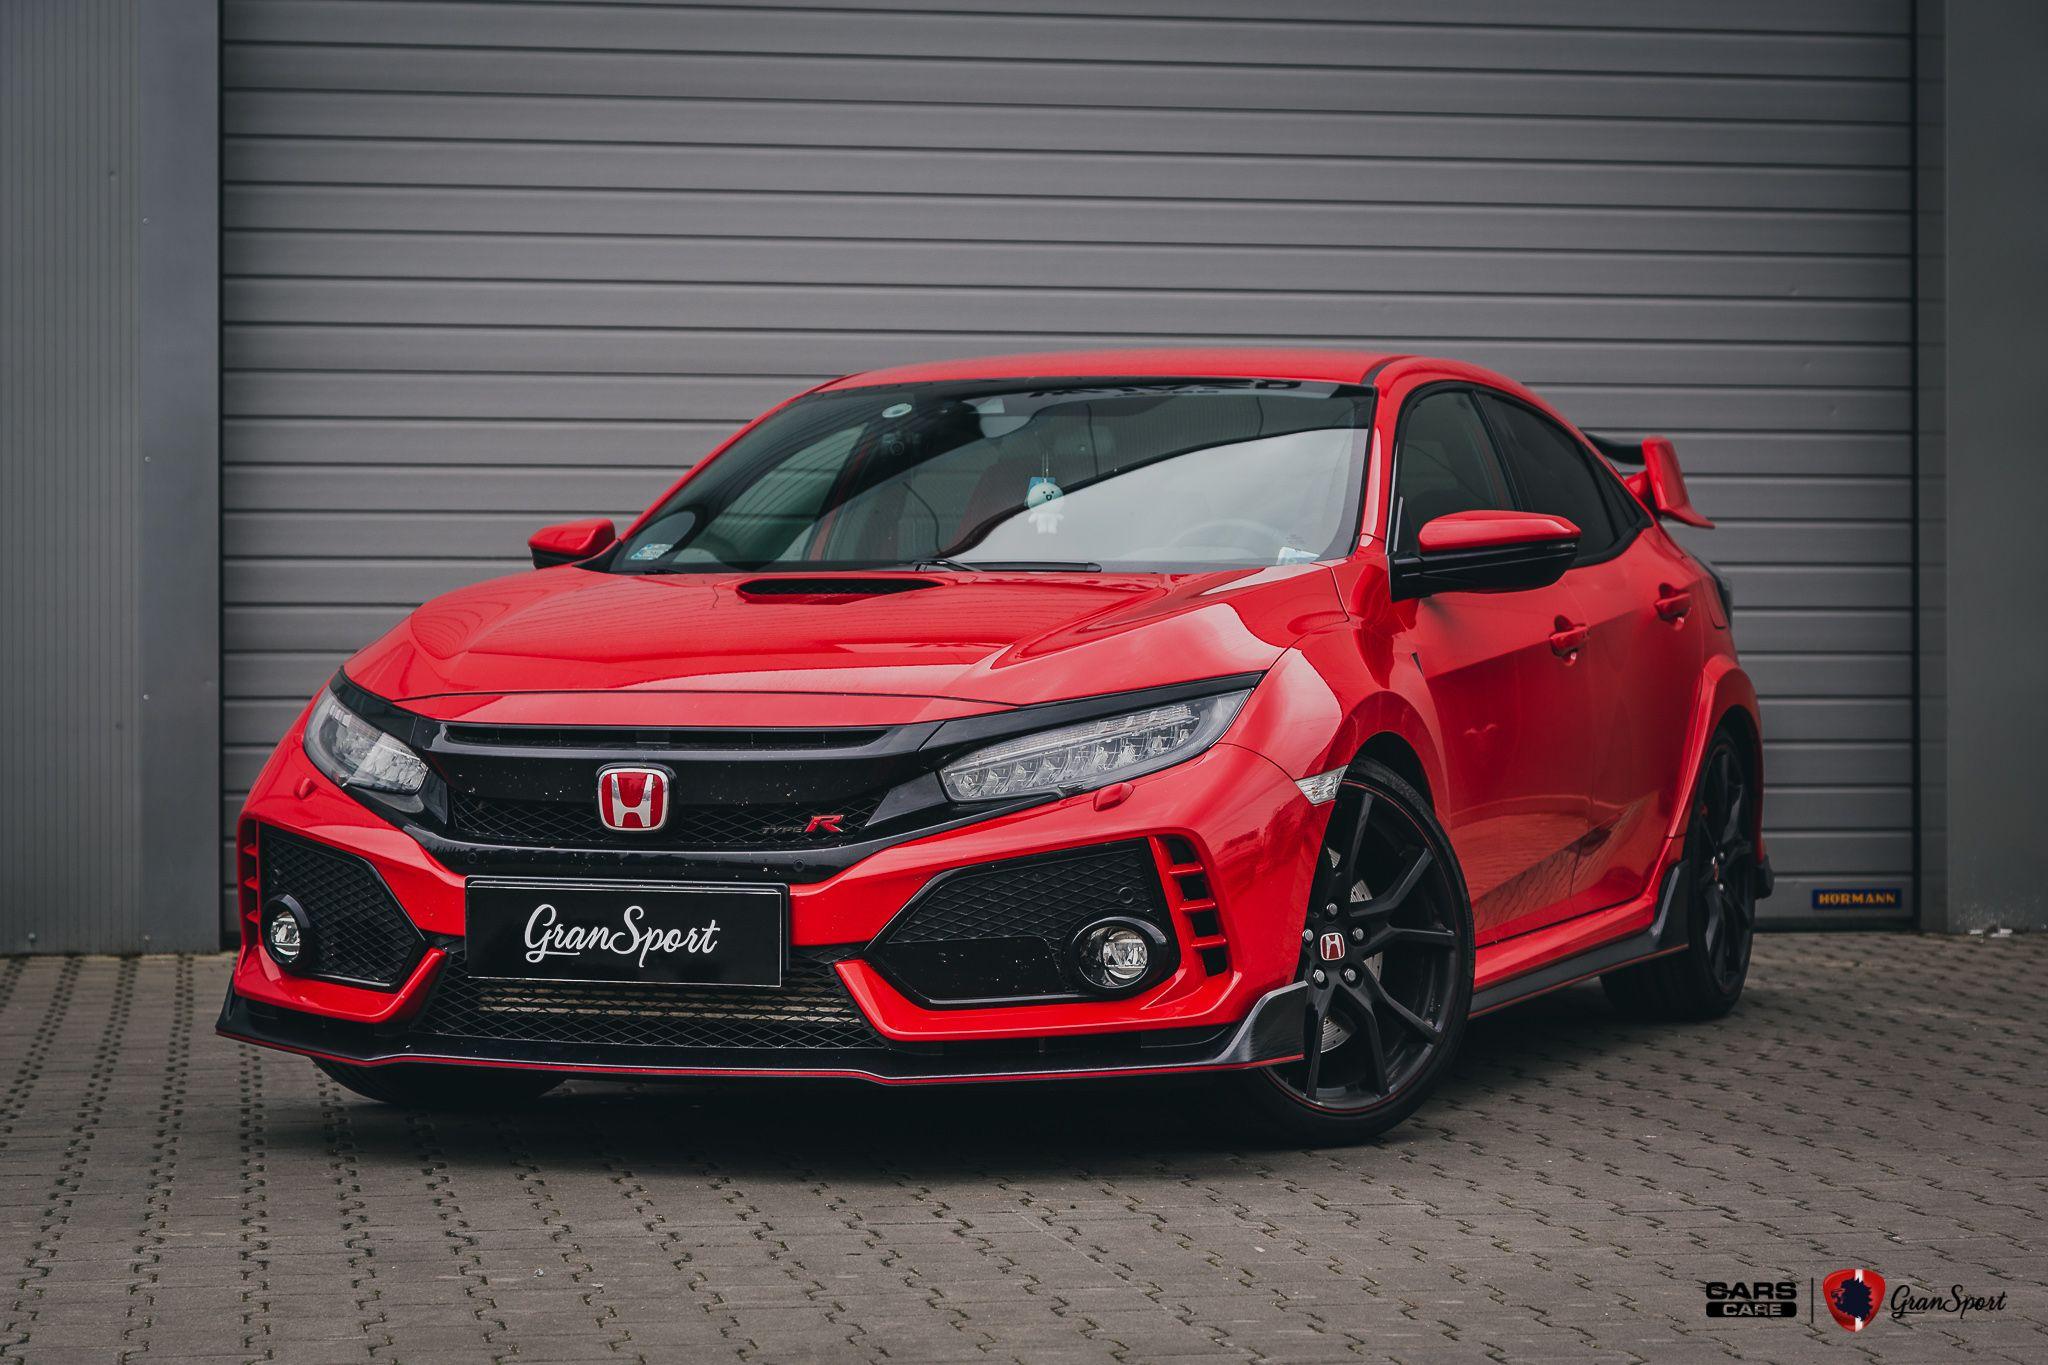 Klapowy Uklad Wydechowy Remus Dla Hondy Civic Type R Fk8 To Jeden Z Bestsellerow Austriackiego Giganta K Honda Civic Type R Honda Civic Hatchback Honda Civic